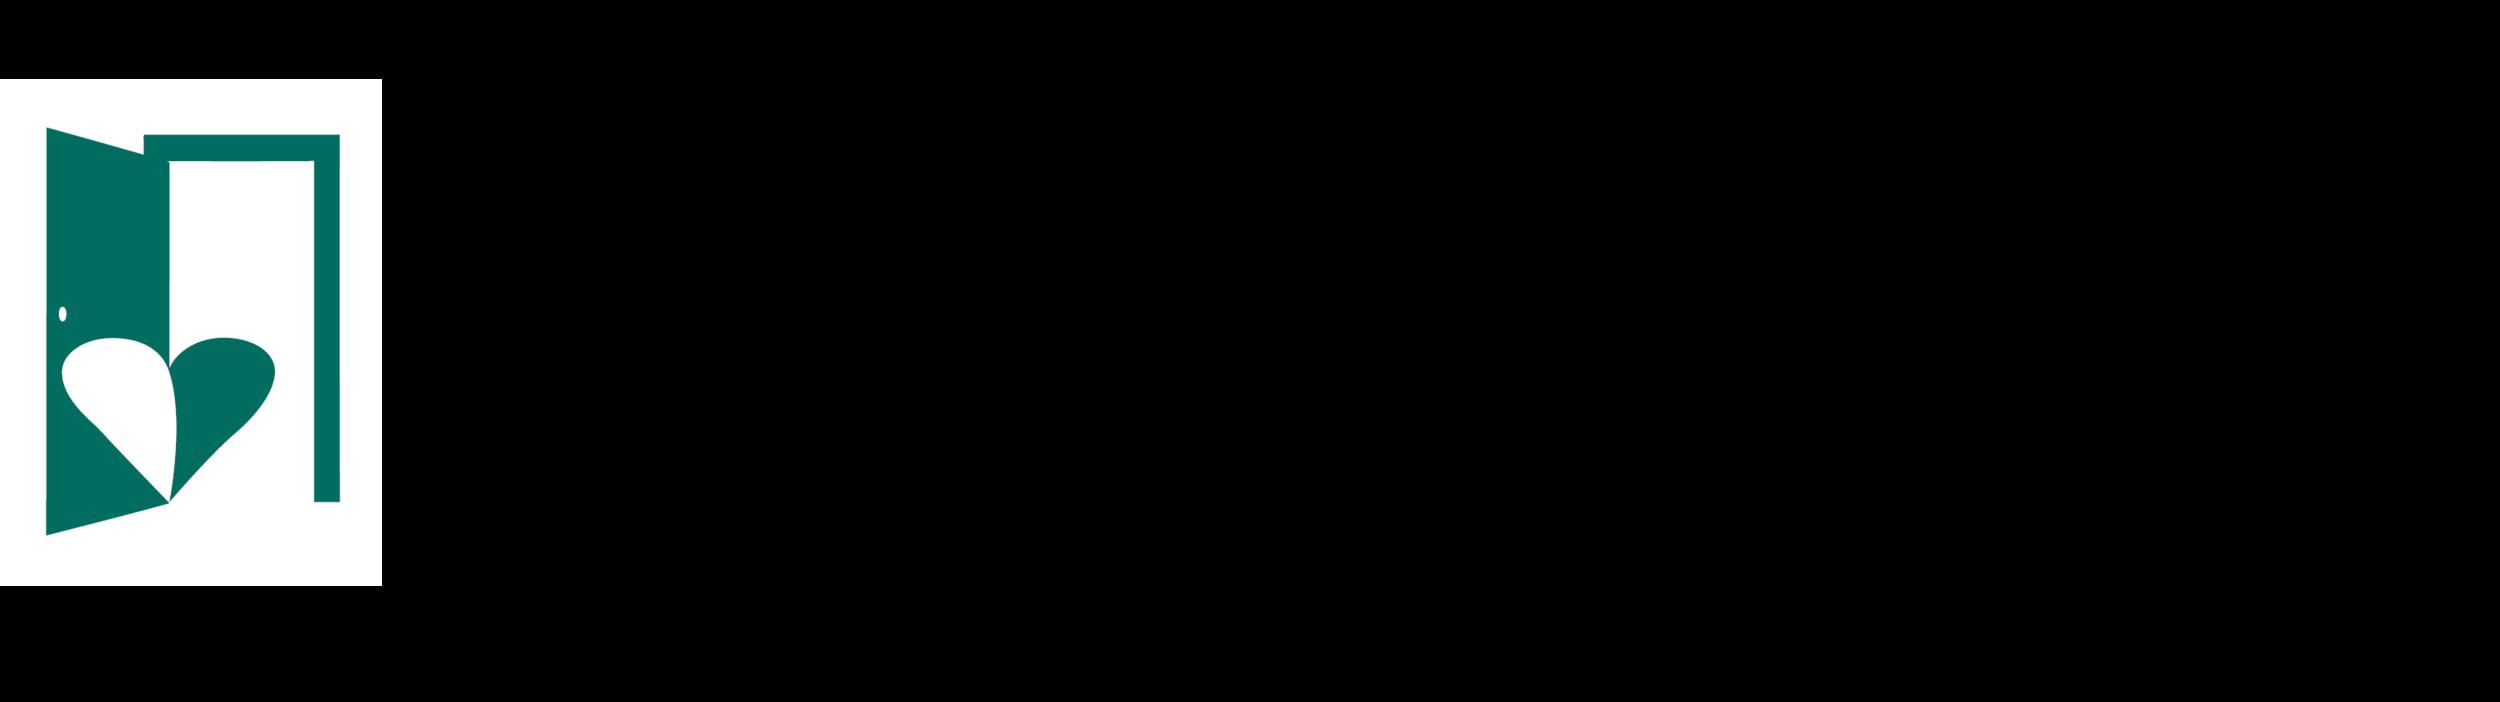 ClosetofHope_logo_horizontal.png